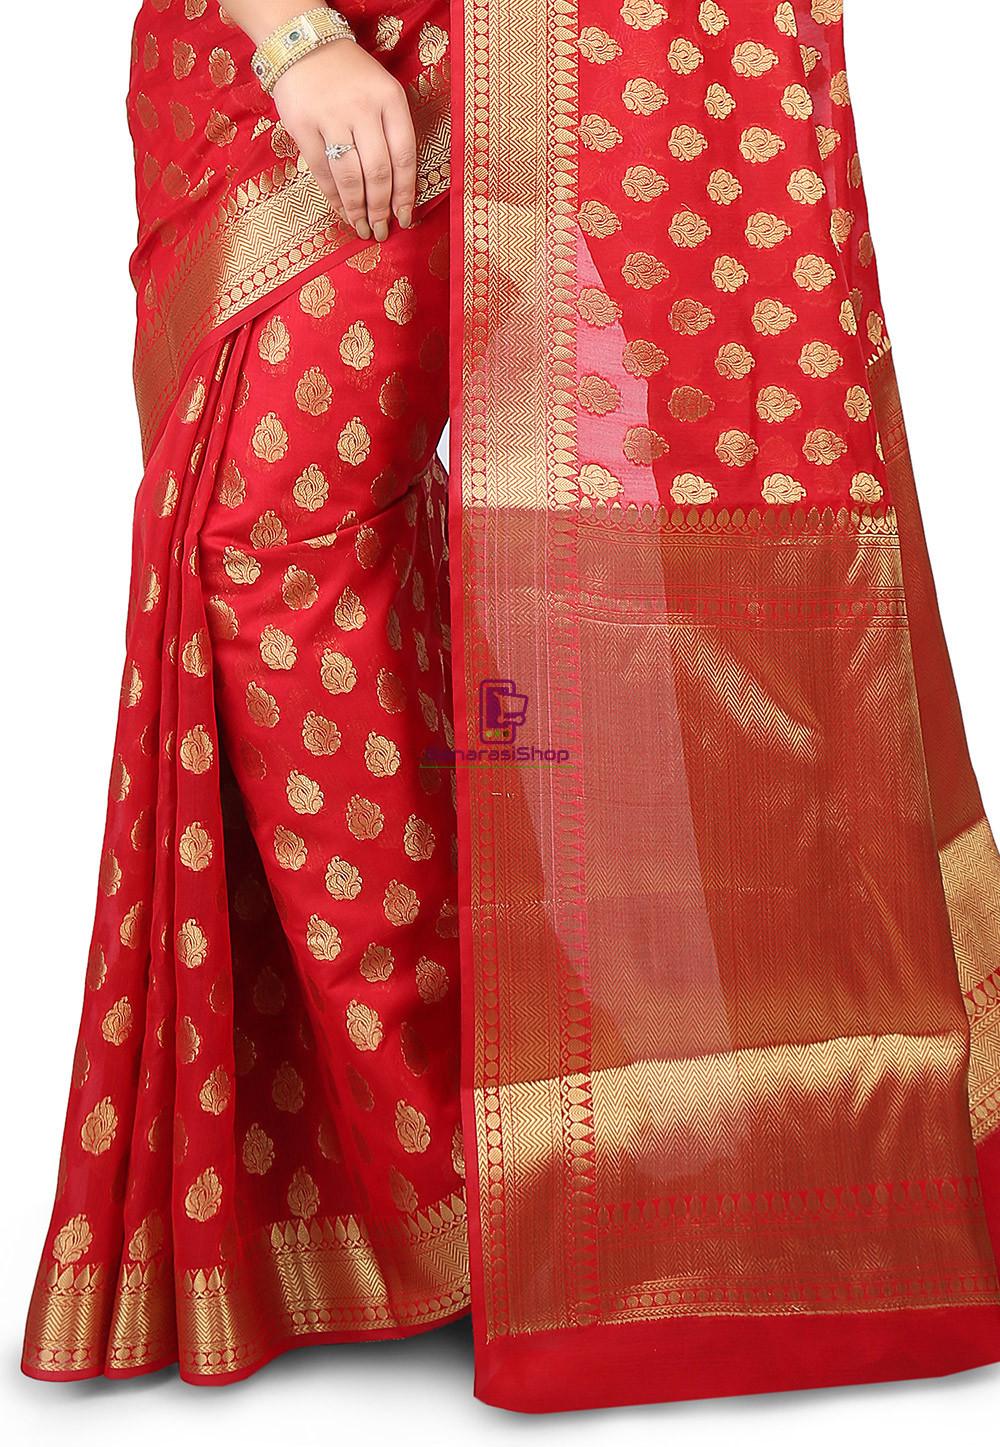 Woven Banarasi Chanderi Silk Saree in Red 2